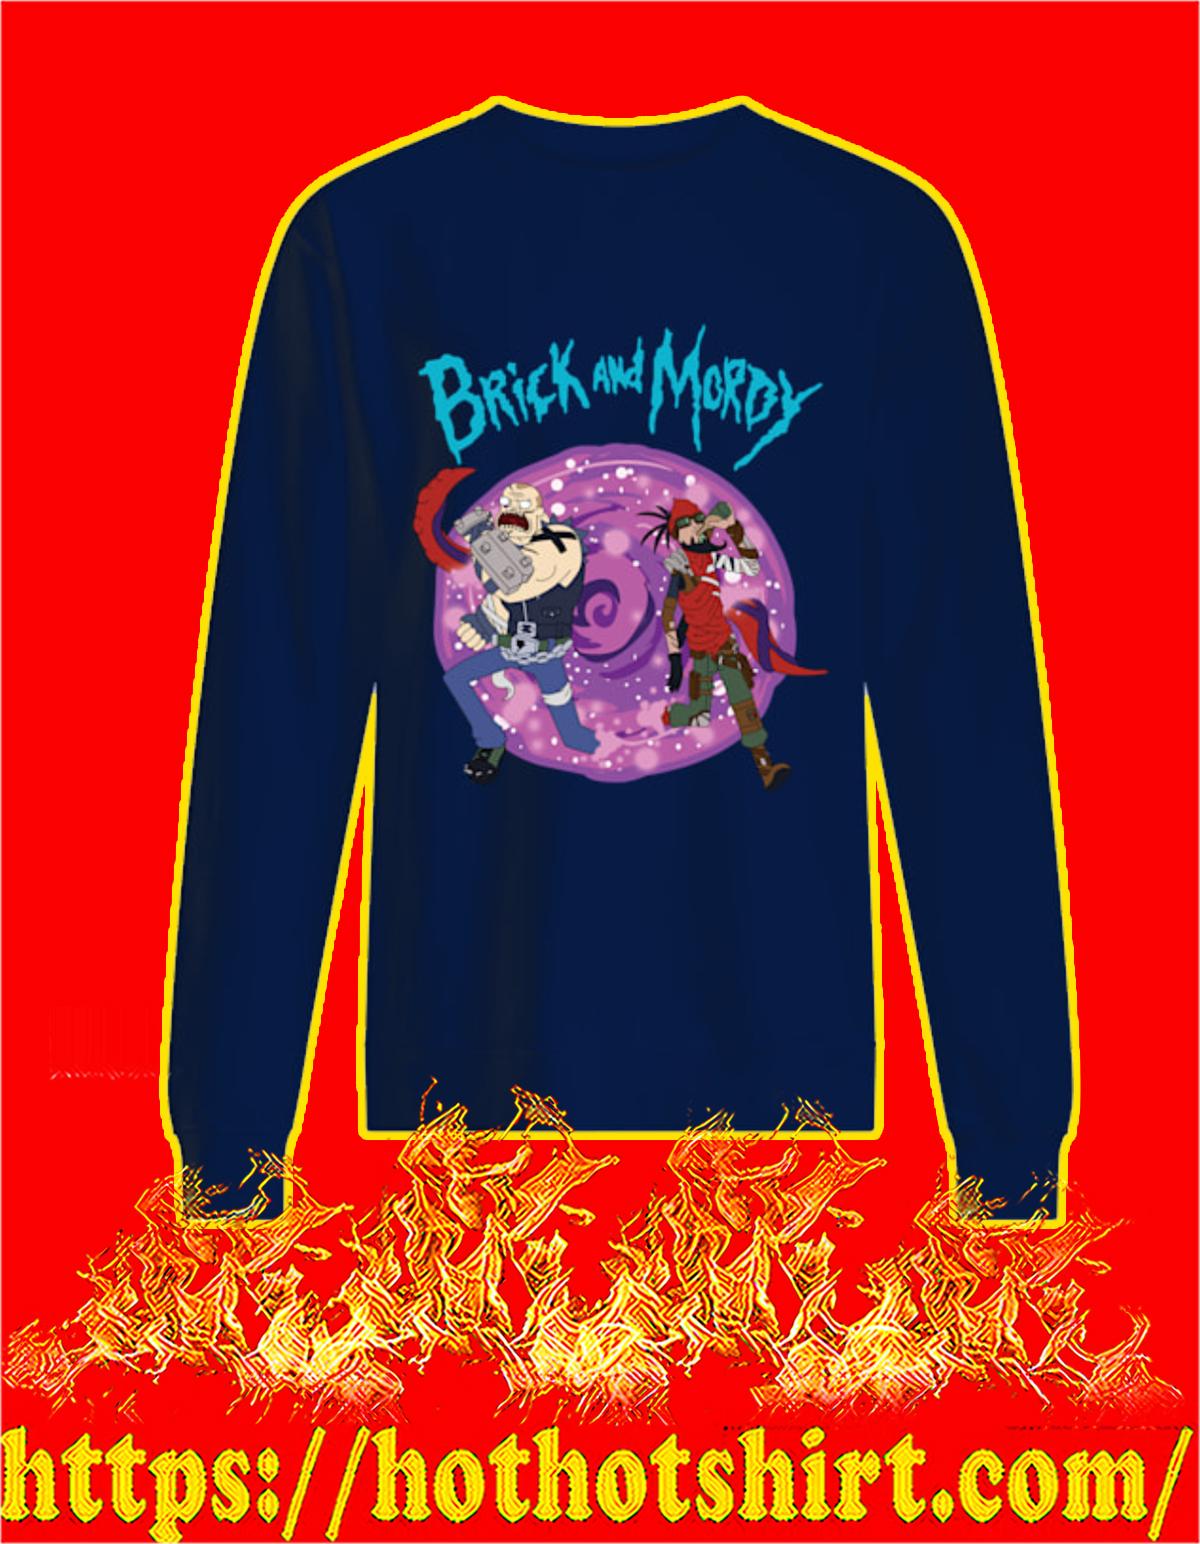 Brick and mordy sweatshirt